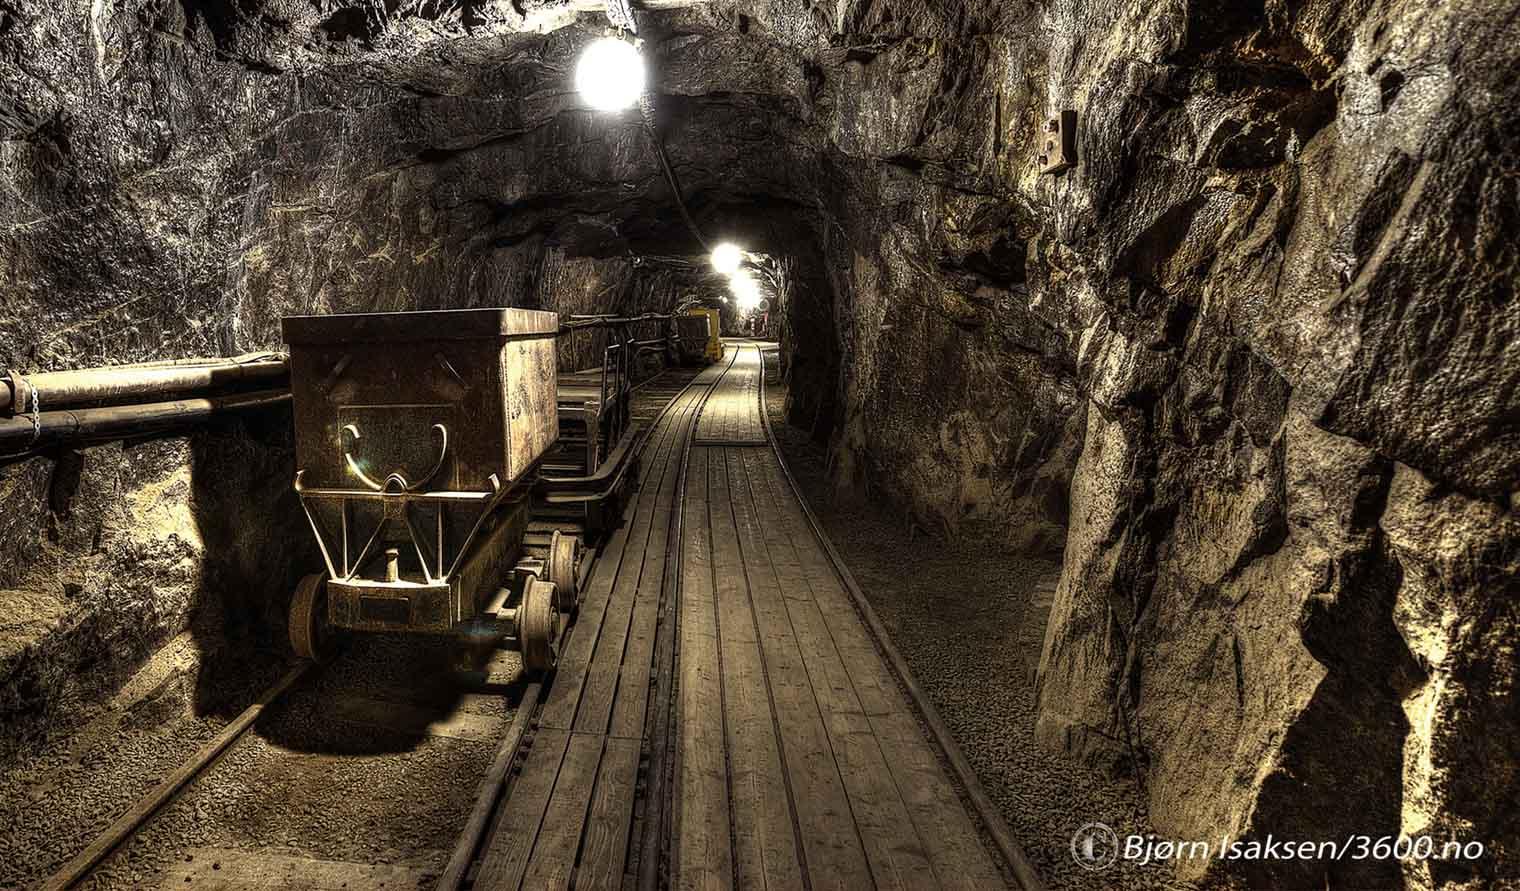 Hvor langt inn i gruvene går gruvetoget?